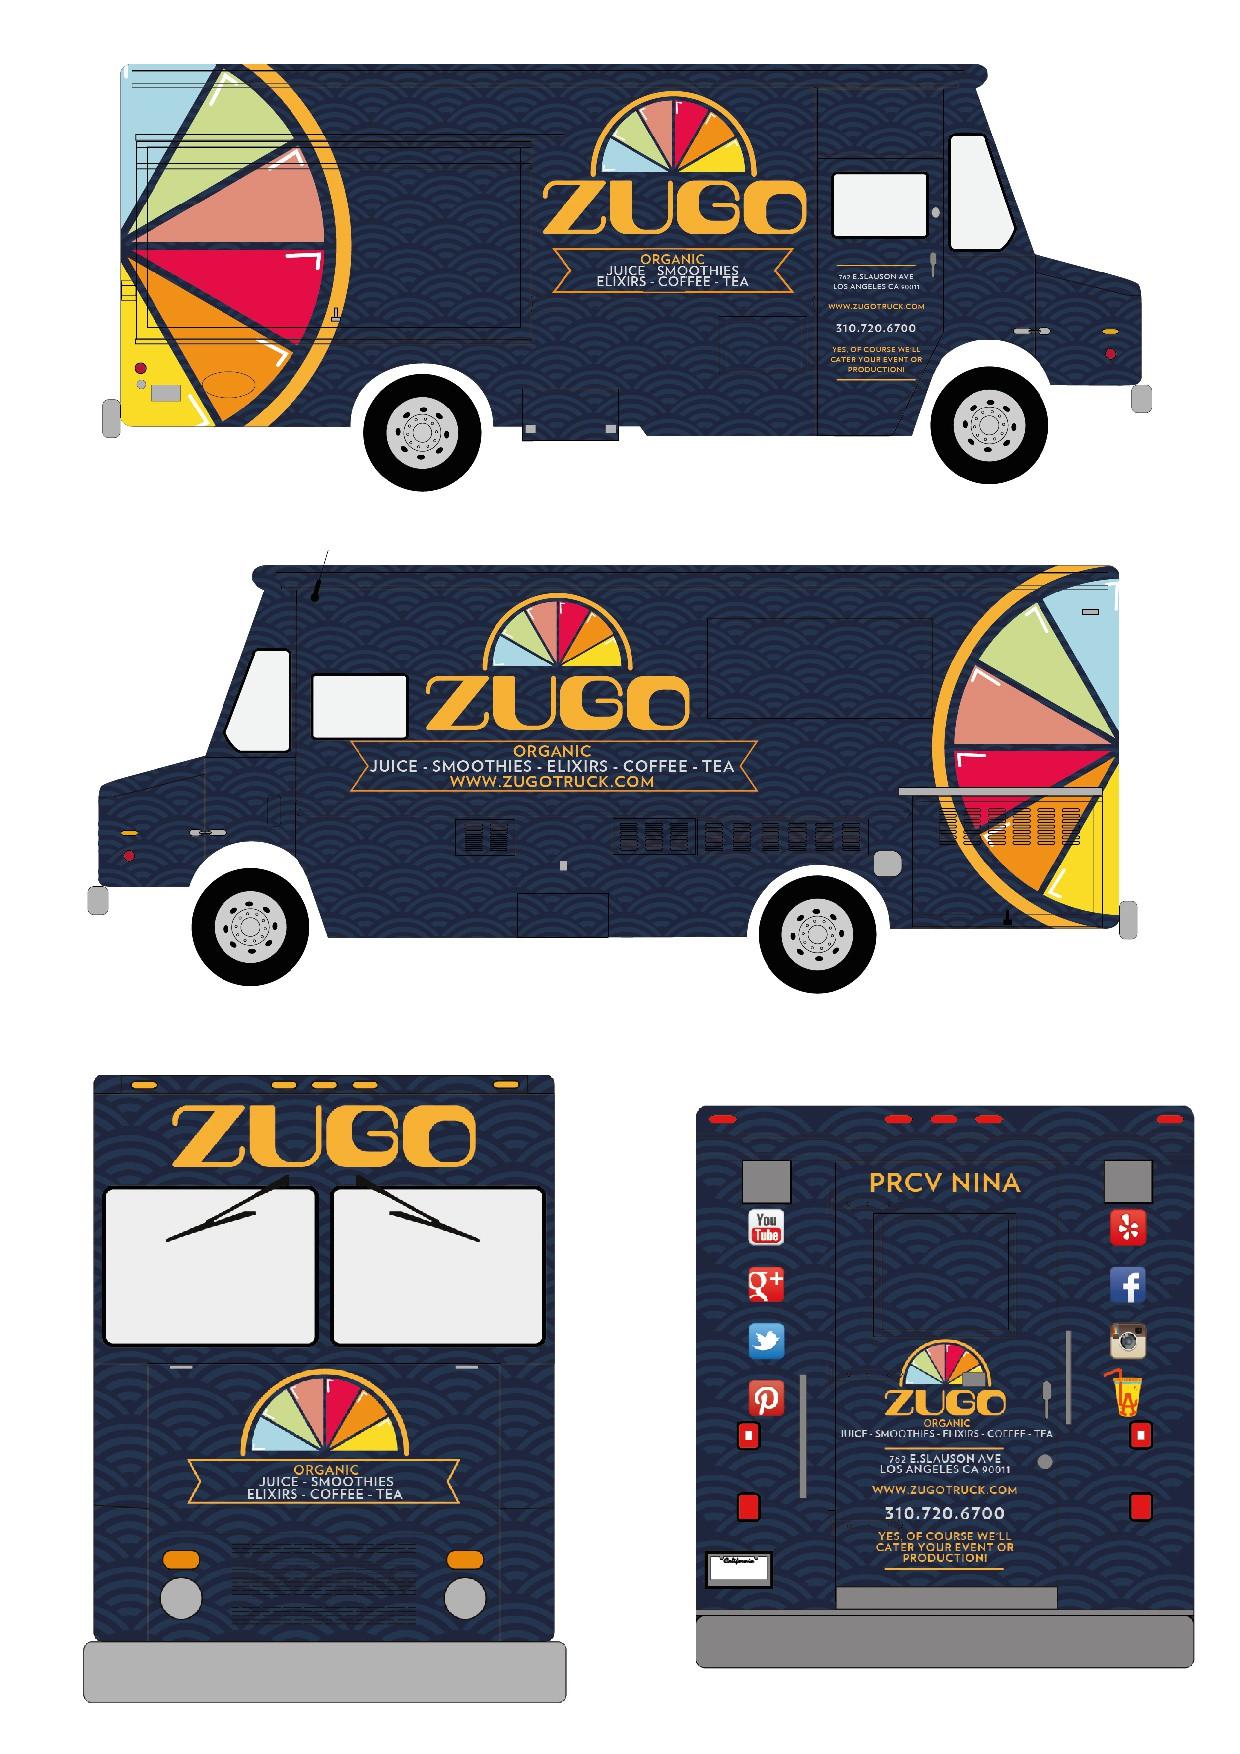 Zugo: A Wrapper's Delight